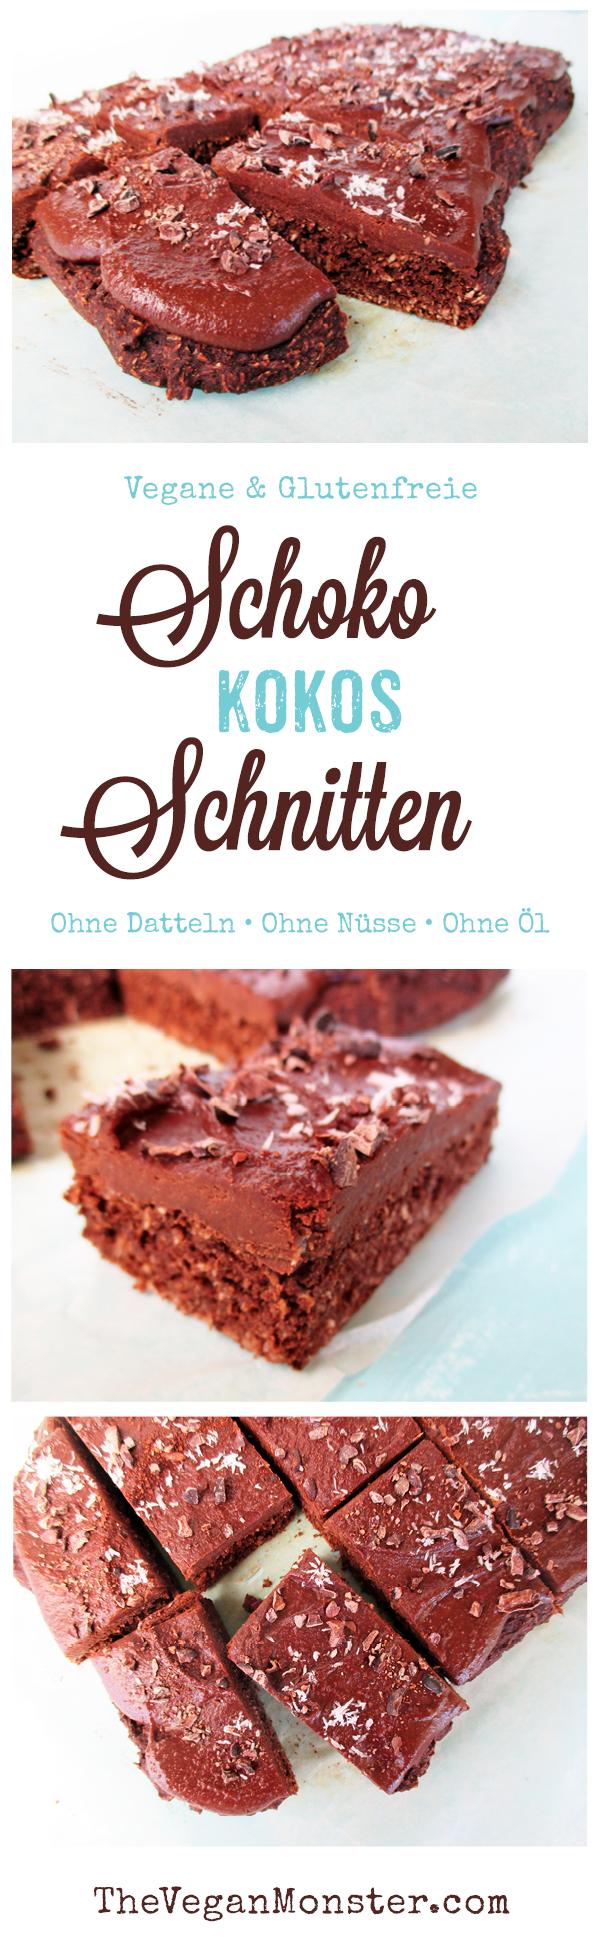 Vegane Glutenfreie Schoko Kokos Kuchen Schnitten Ohne Kristallzucker Ohne Oel Rezept